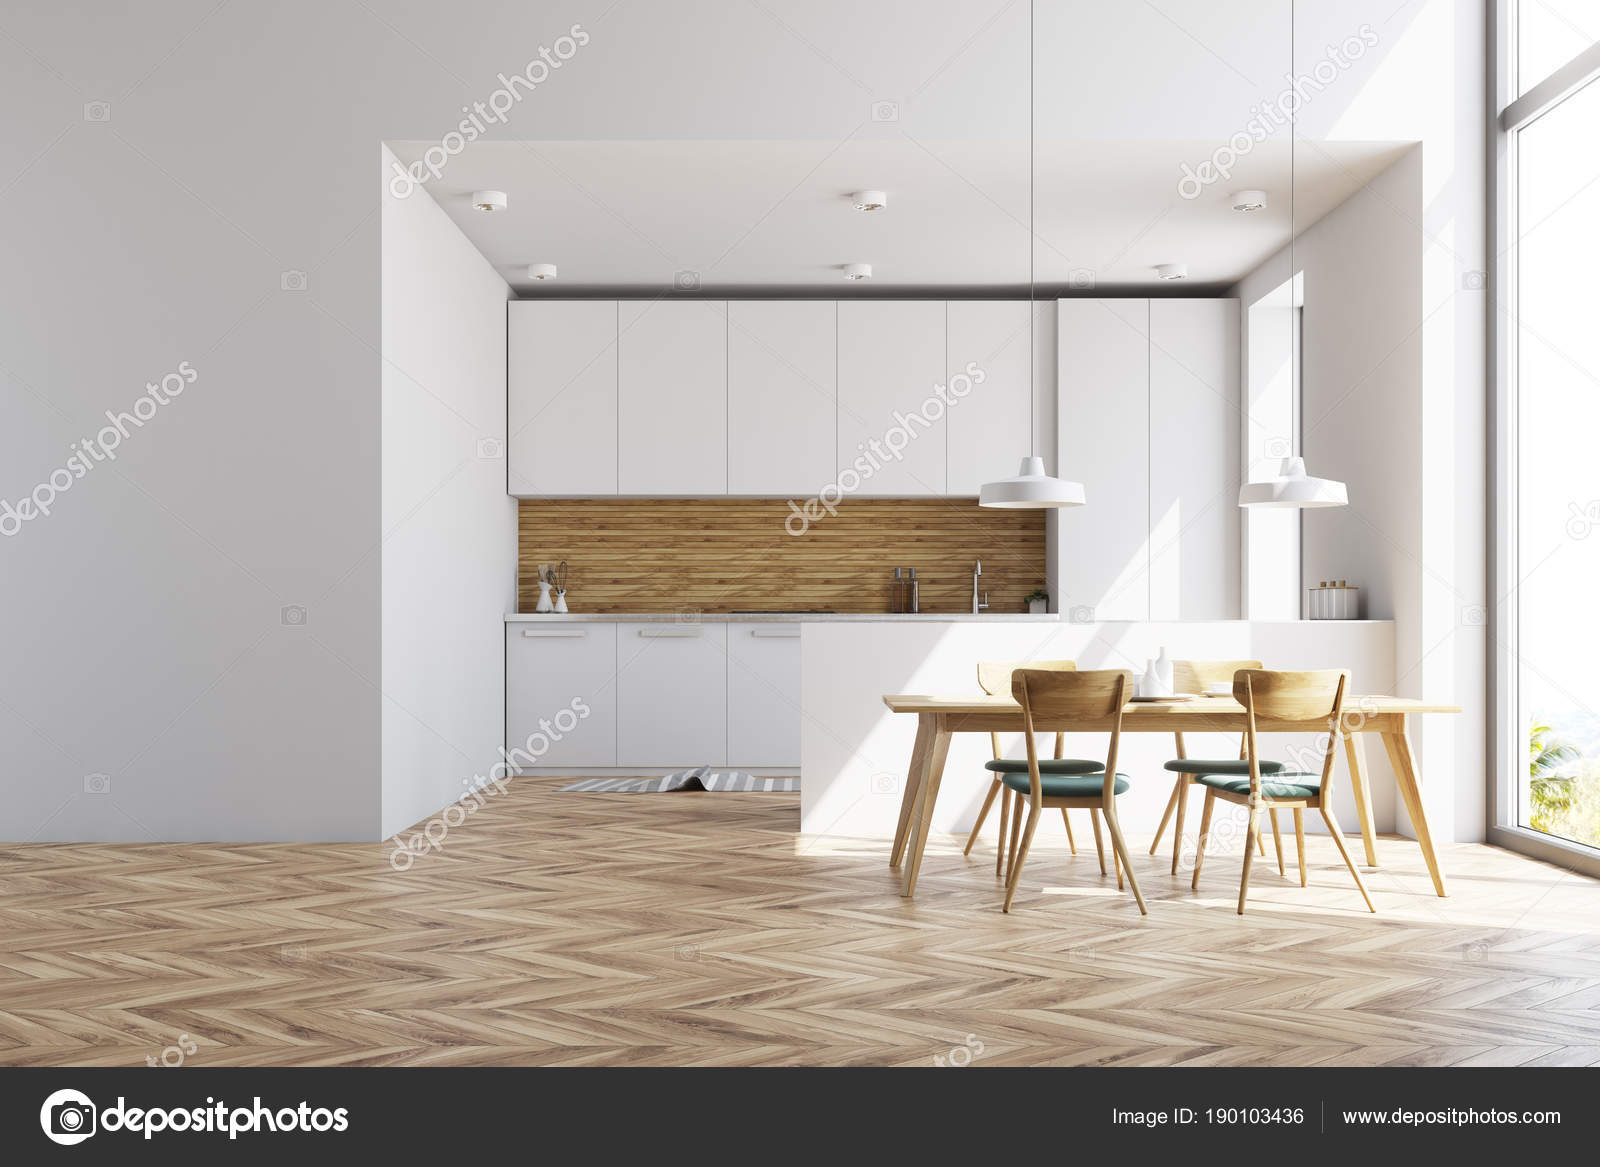 Tavoli Da Parete Cucina : Cucina bianca e legno con un tavolo da parete u2014 foto stock